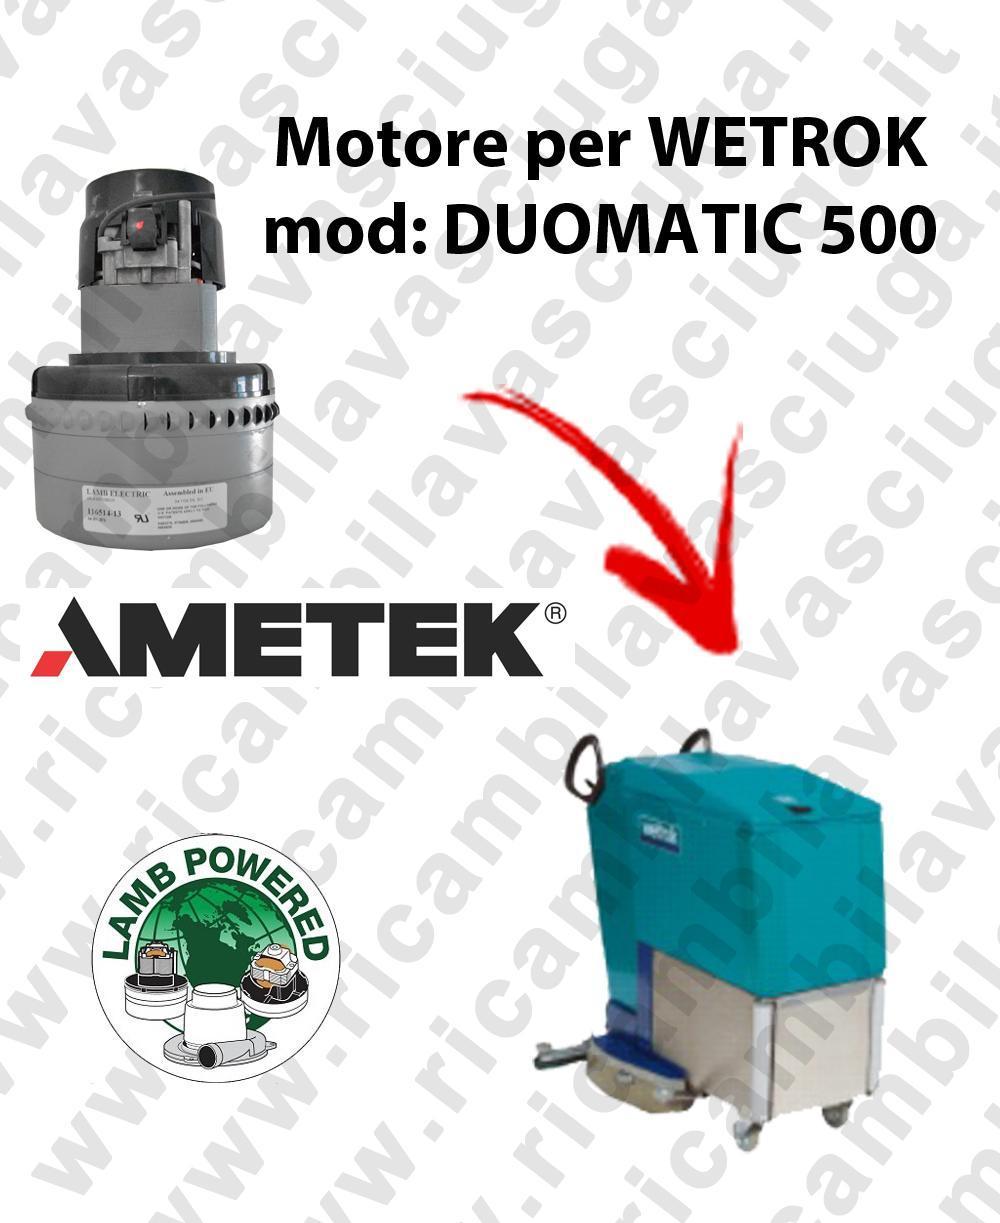 DUOMATIC 500 Saugmotor LAMB AMETEK für scheuersaugmaschinen WETROK